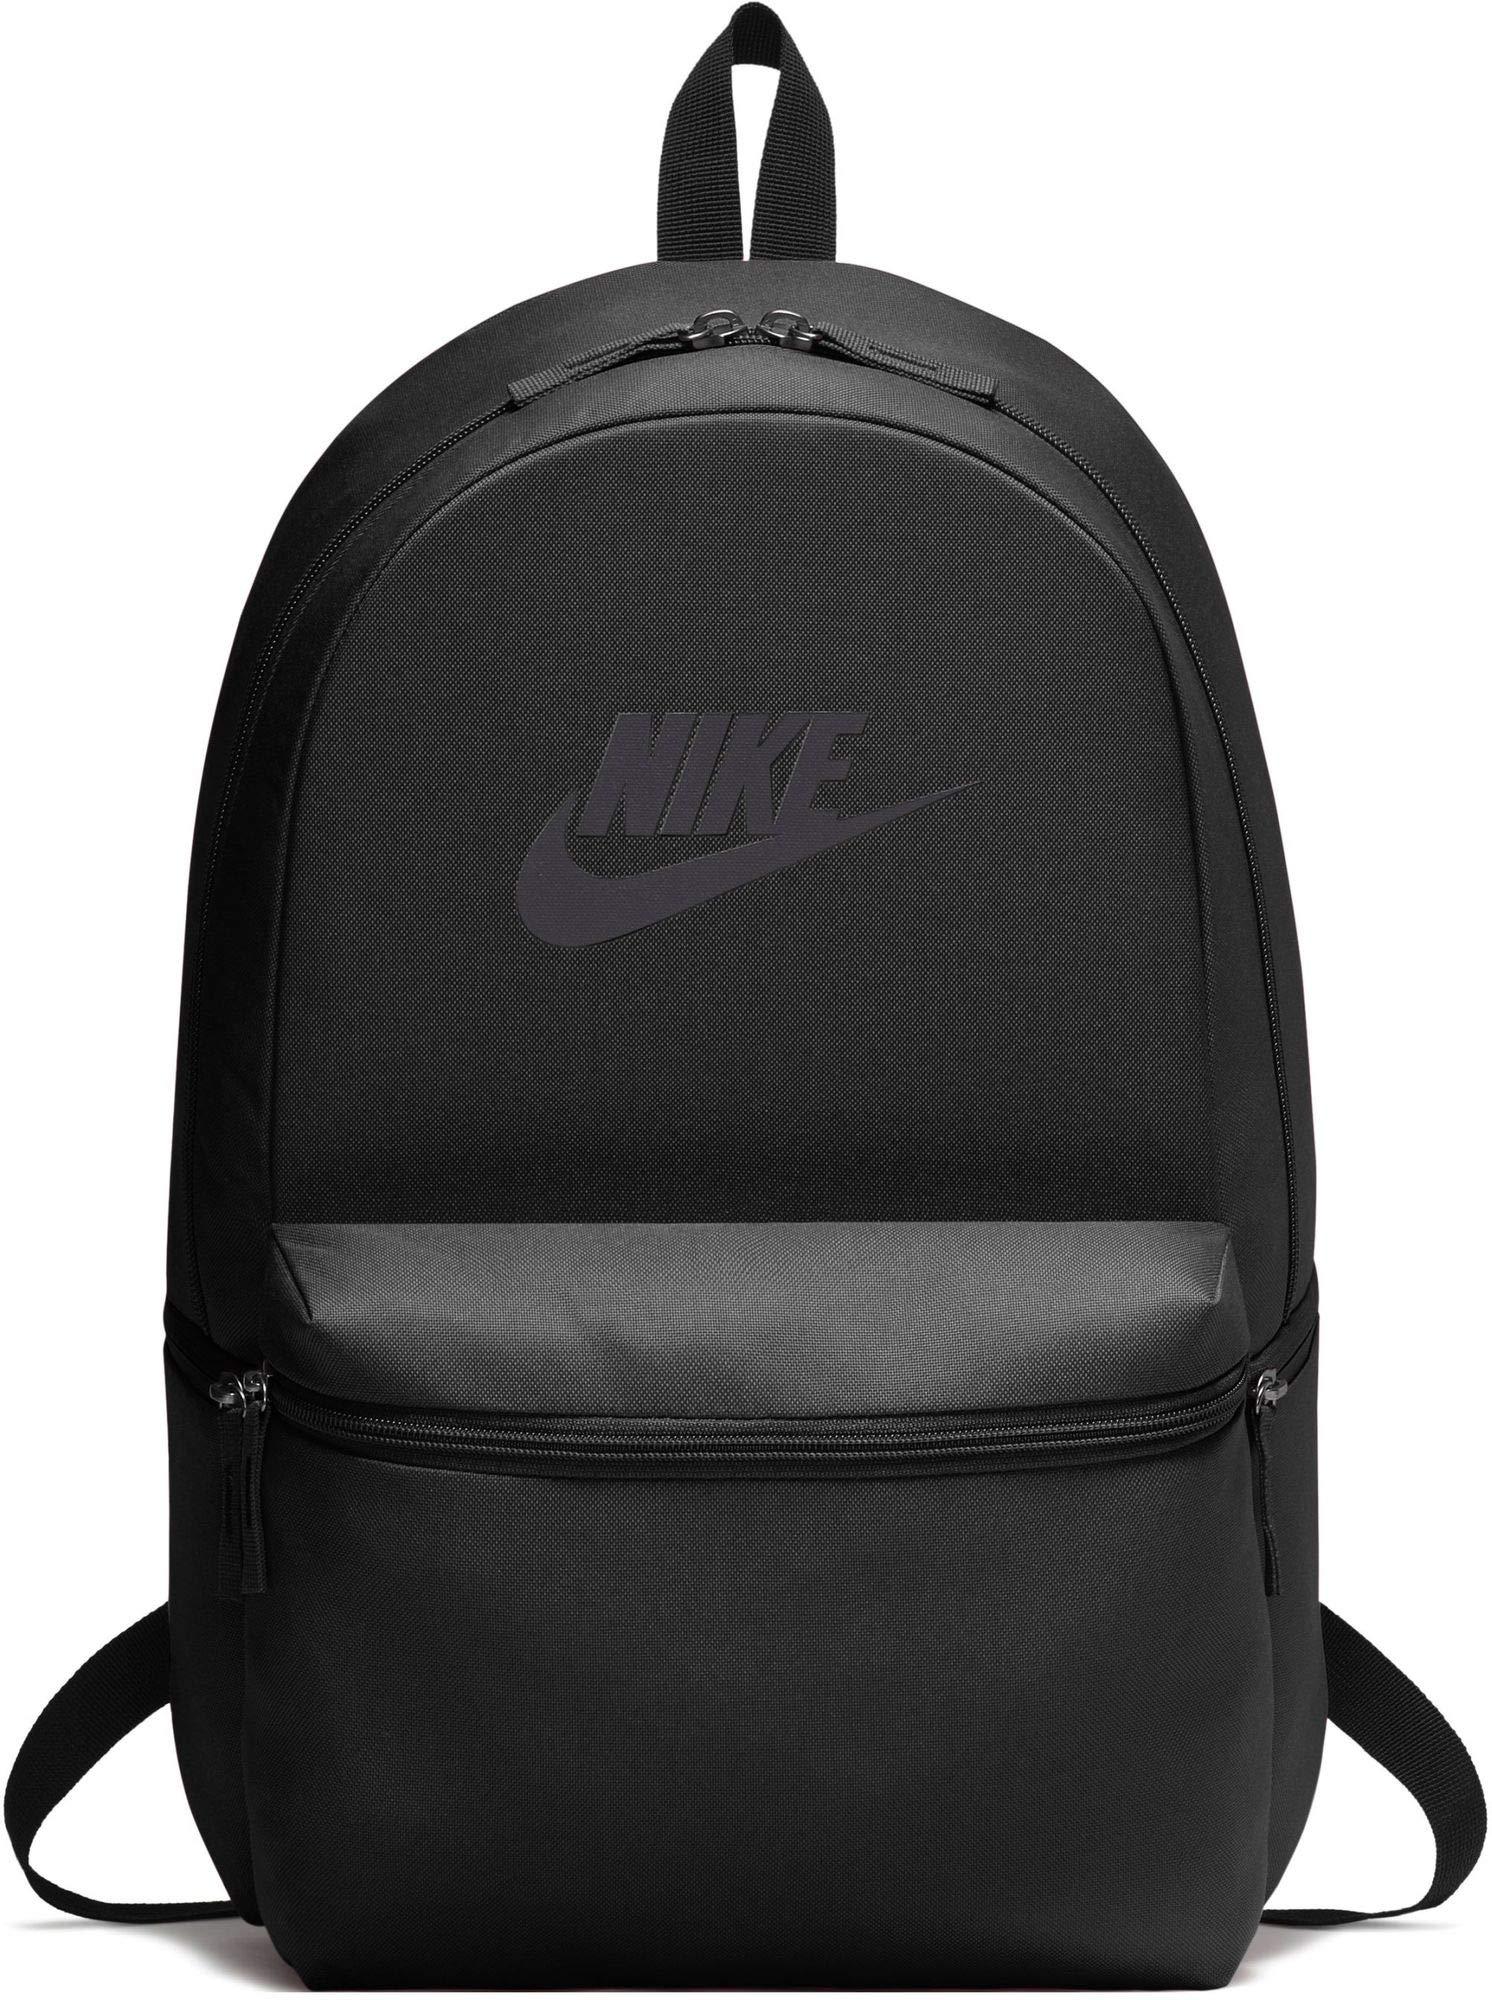 Nike Nk Heritage Bkpk Mochila, Unisex Adulto